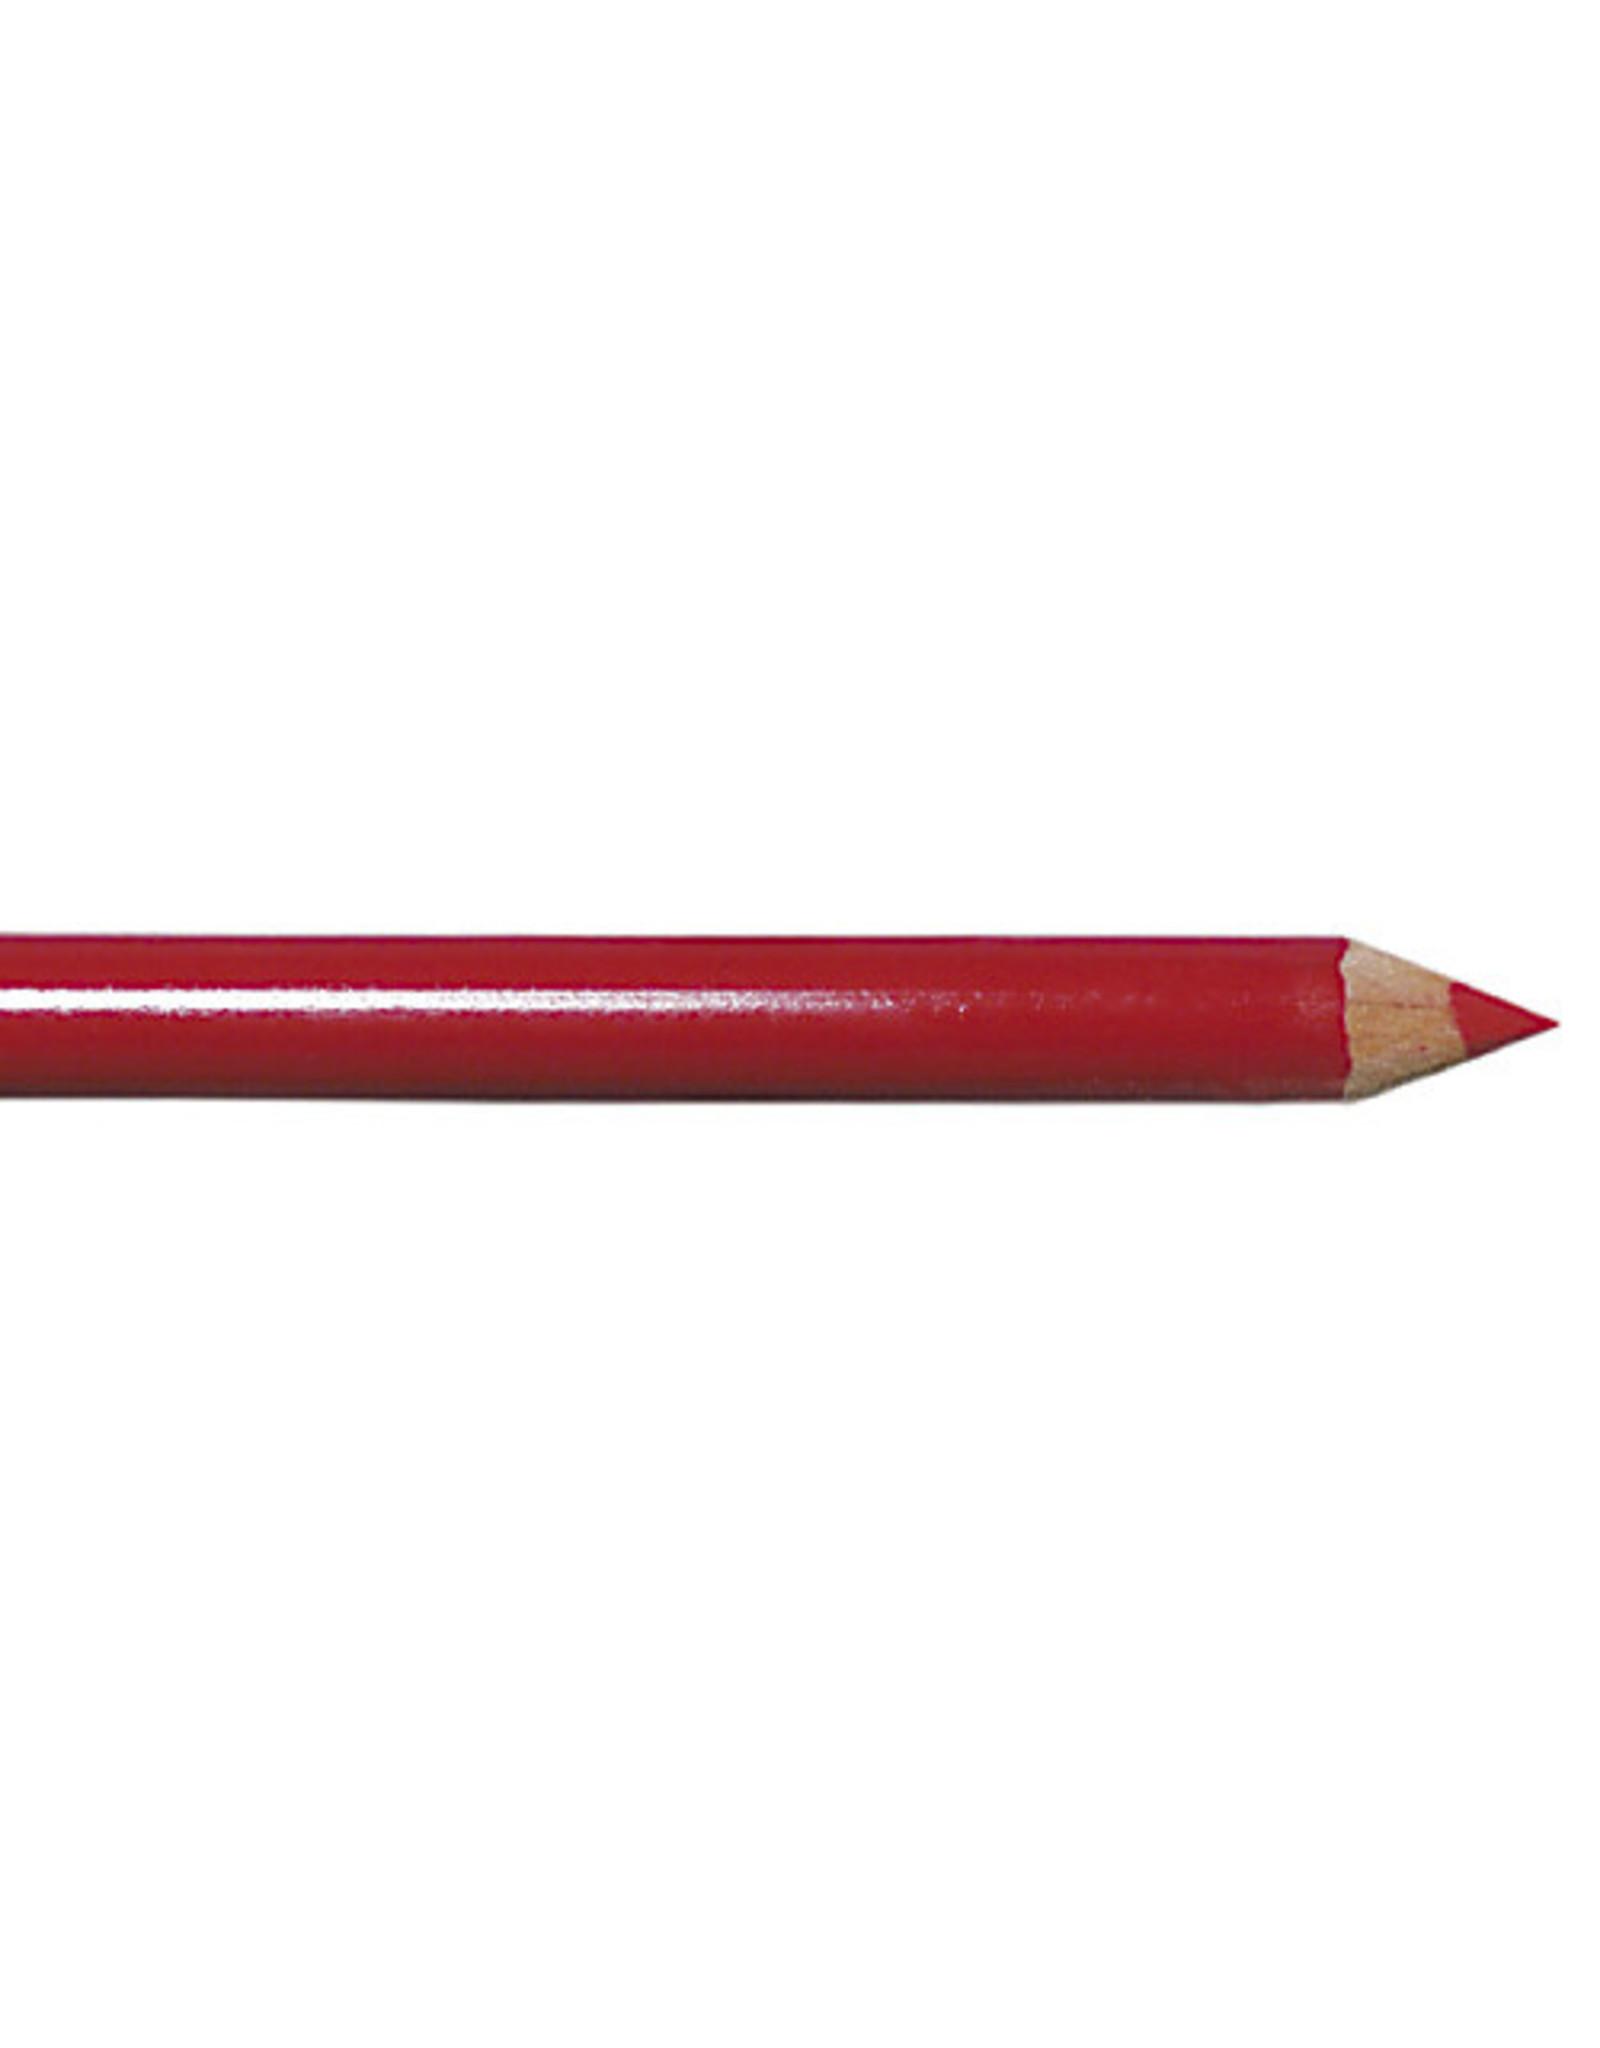 Grimas MAKE-UP PENCIL 544 Dieprood 11 cm